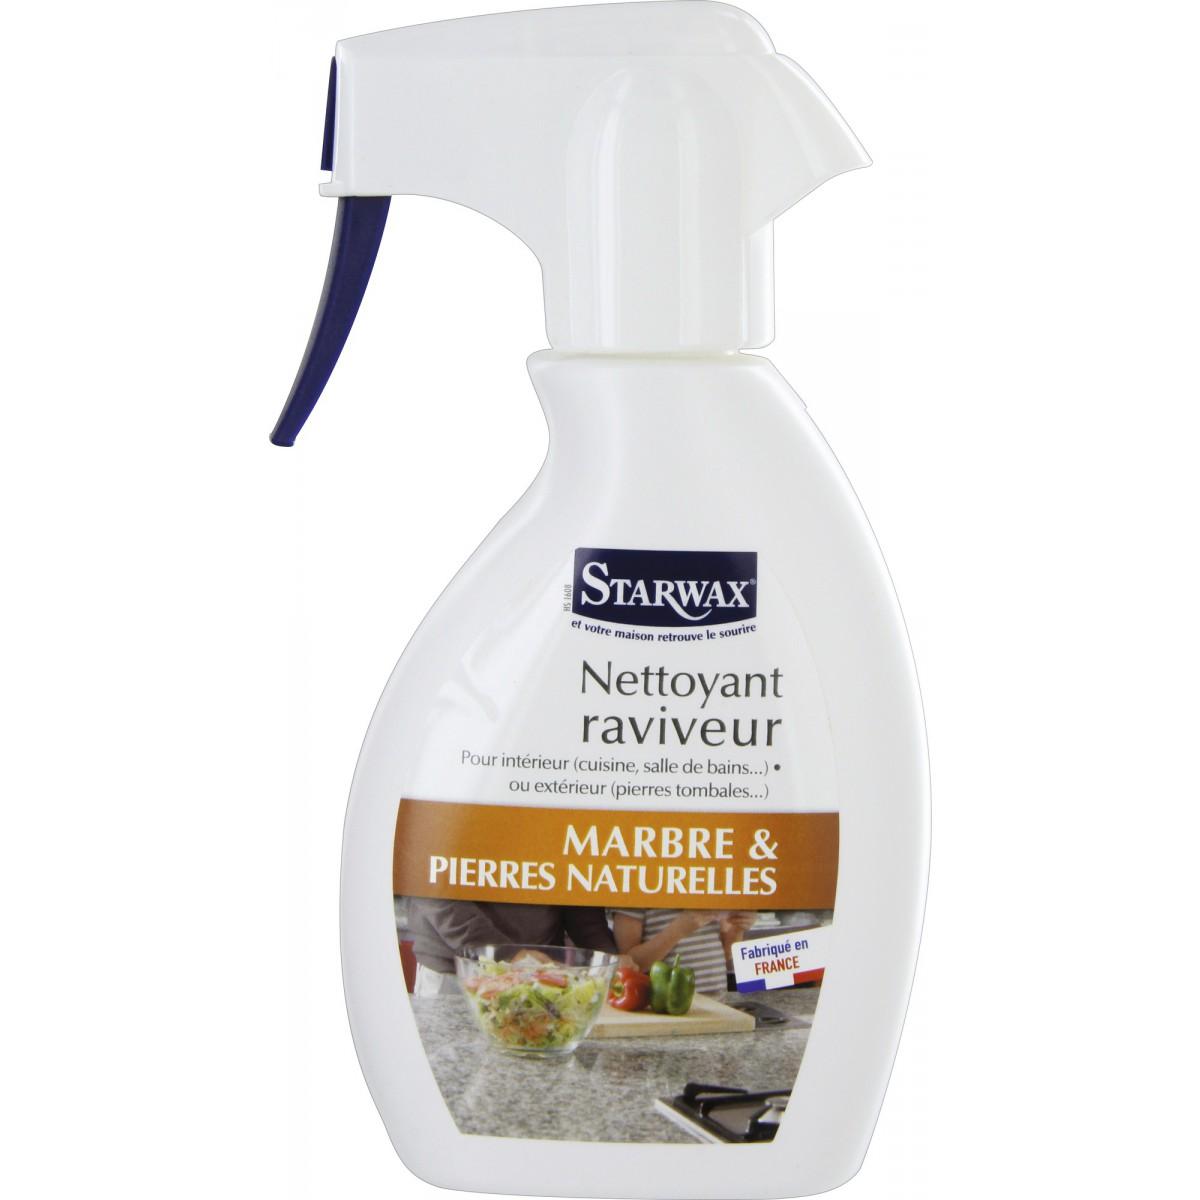 Nettoyant raviveur marbre Starwax - Pulvérisateur 250 ml